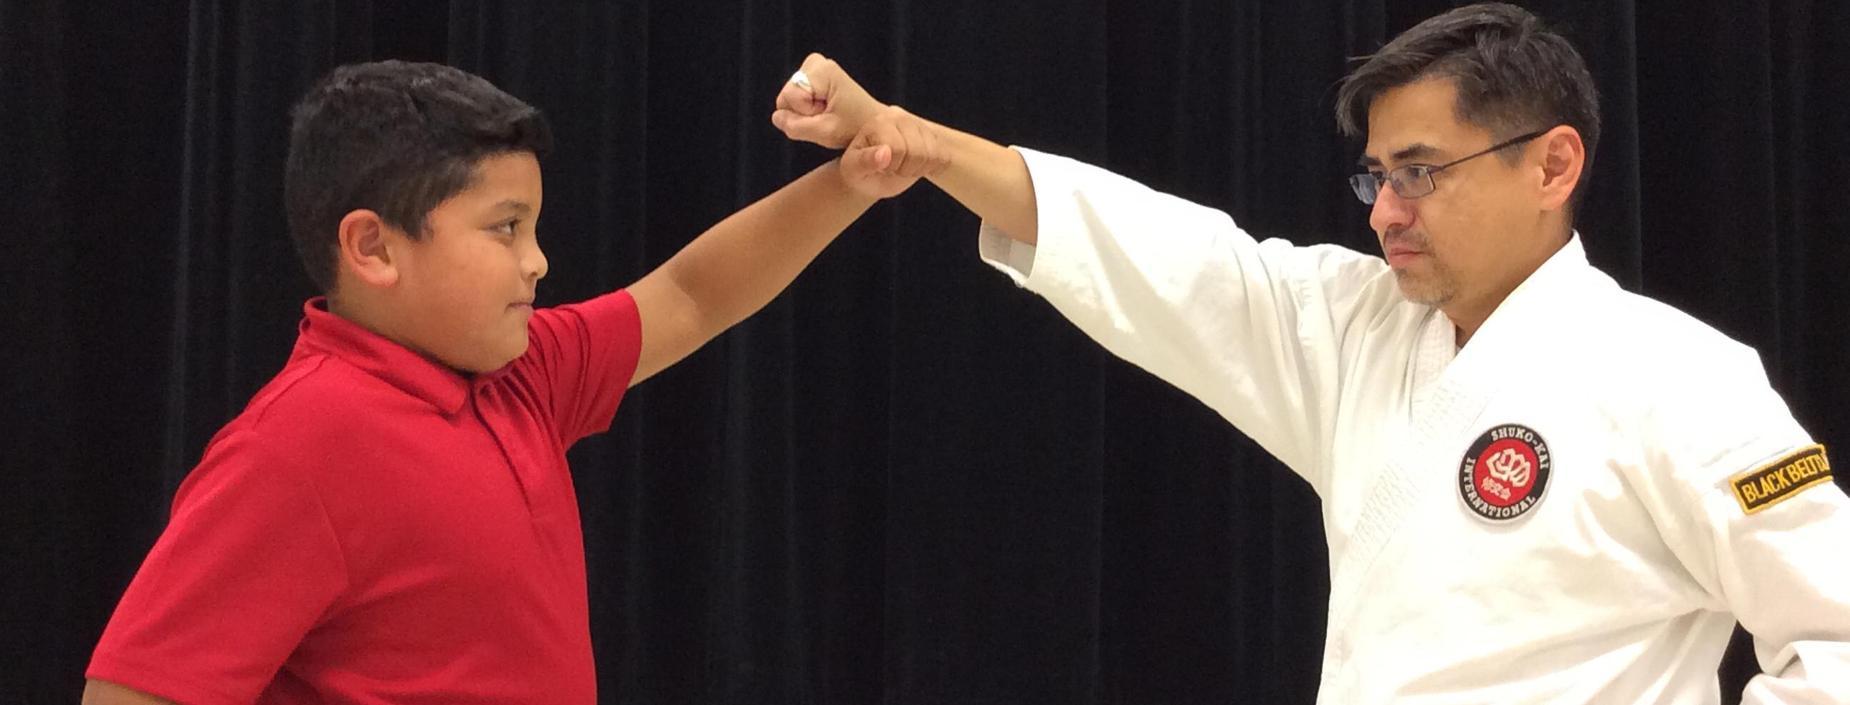 Karate Class after school